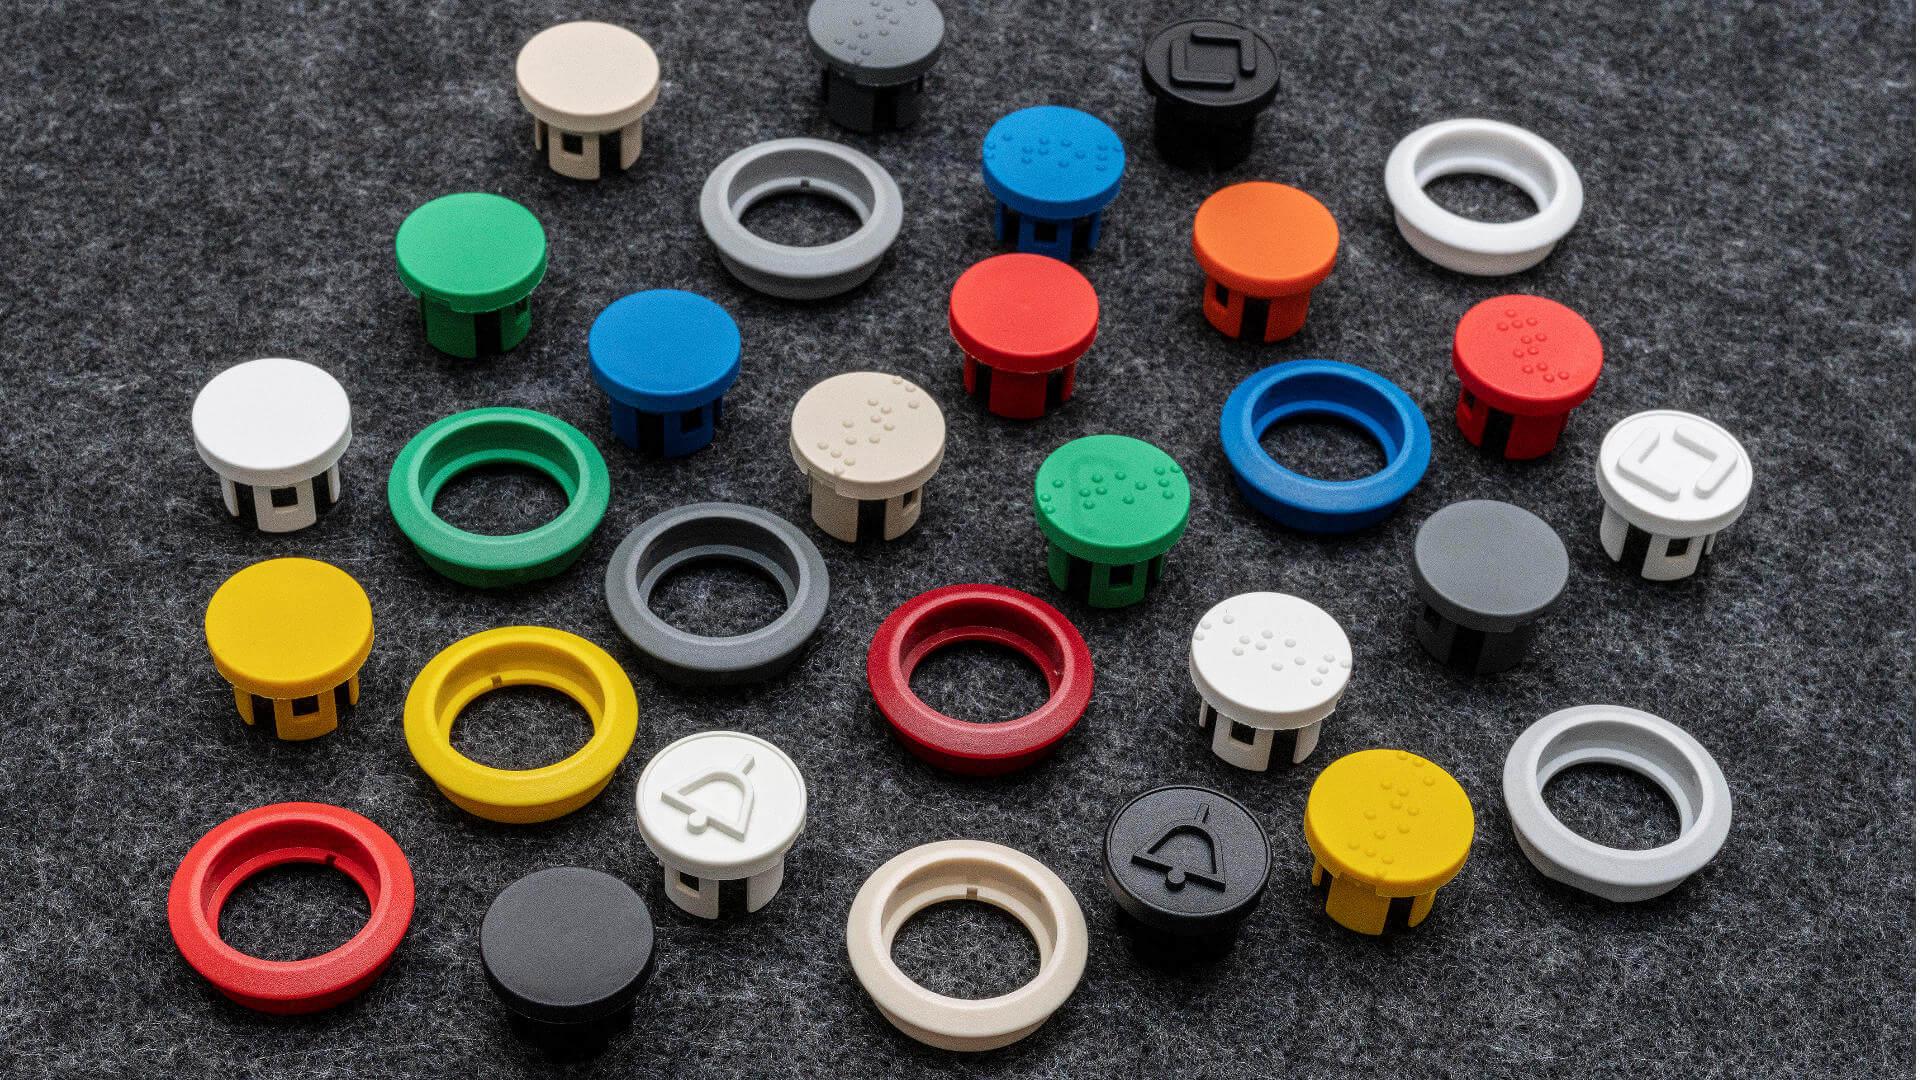 Vielfalt an Farben und Brailleschrift bei Tastflächen